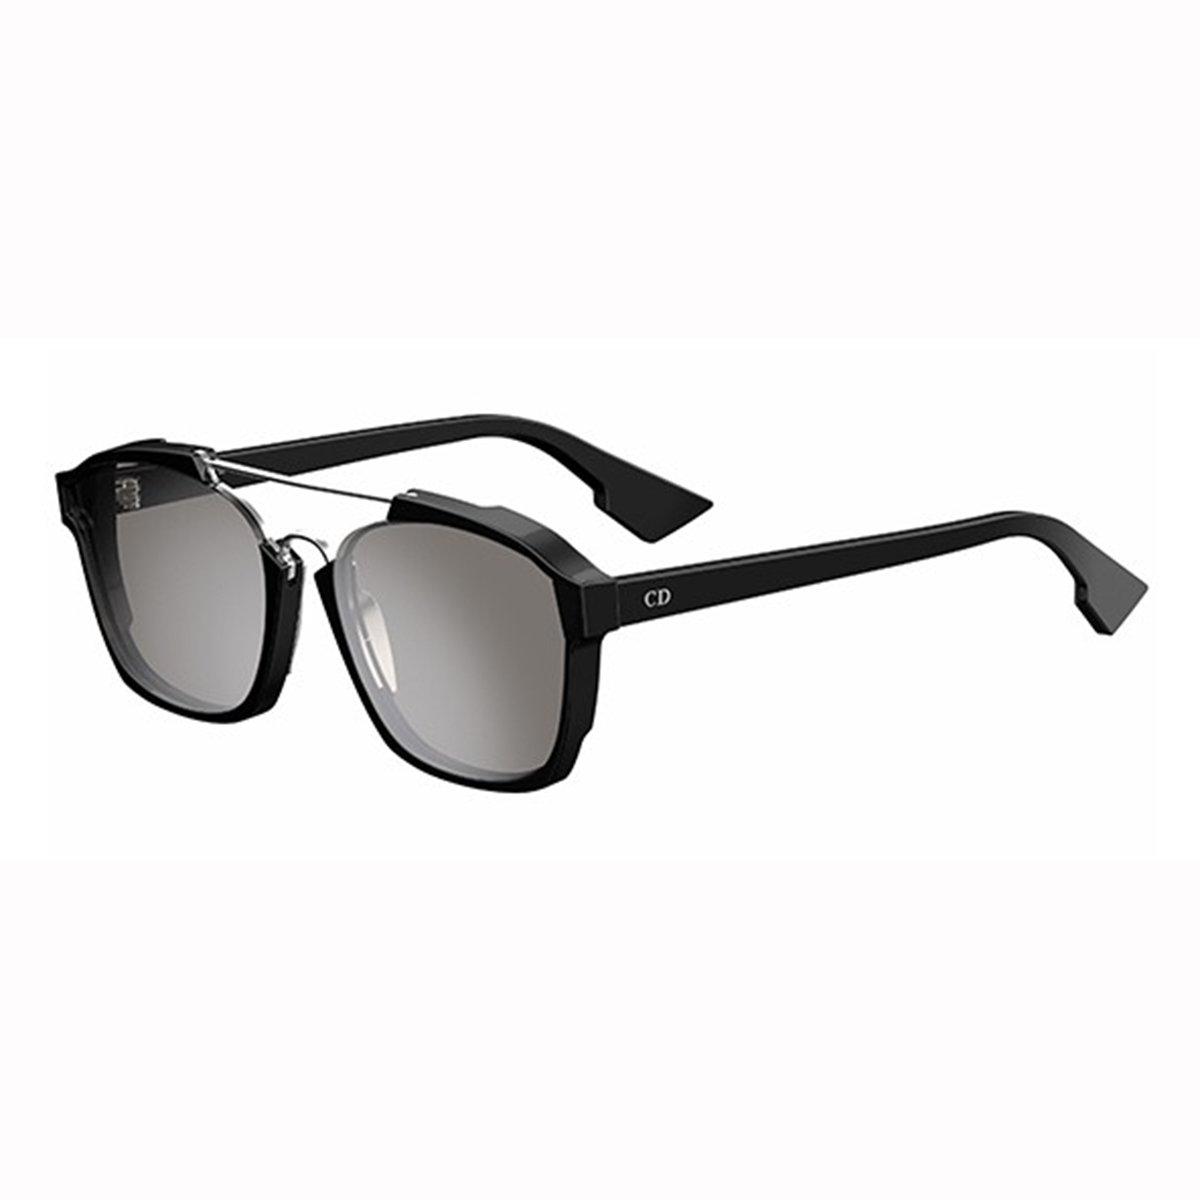 c4bf8dd87 Compre Óculos de Sol Dior Abstract em 10X | Tri-Jóia Shop